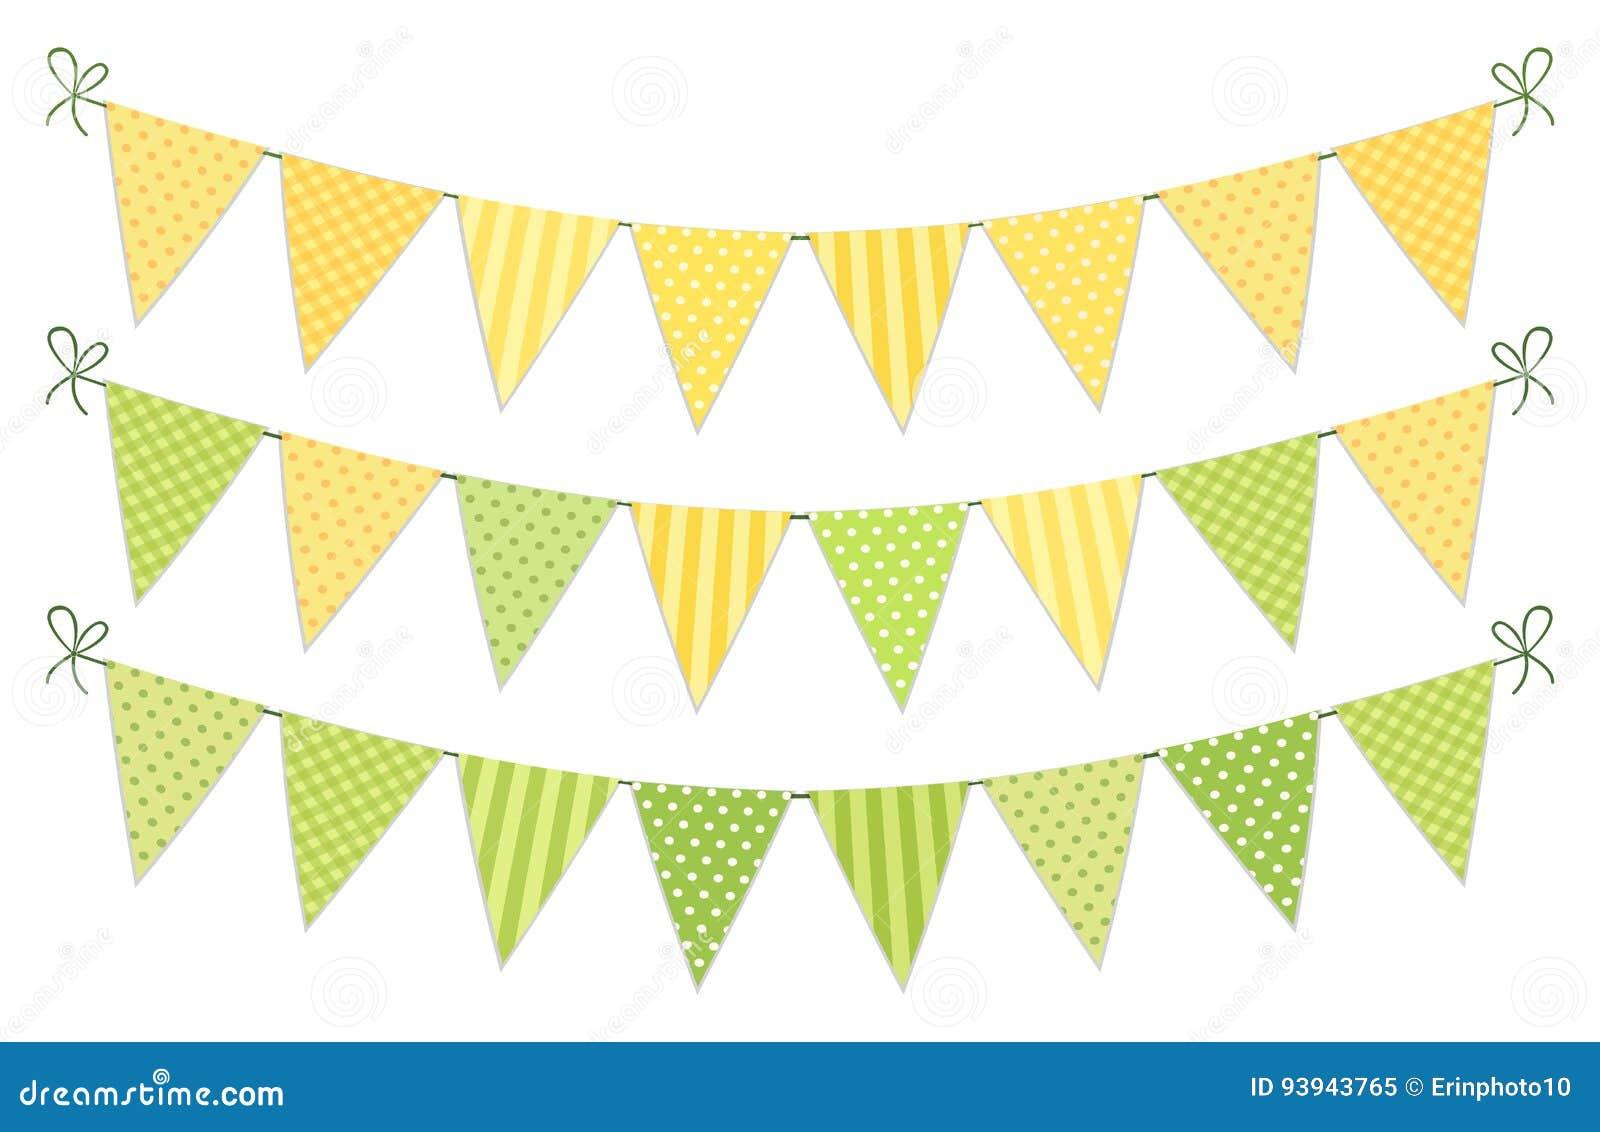 逗人喜爱的夏天节日的,生日,婴儿送礼会葡萄酒纺织品绿色和黄色破旧的别致的旗布旗子